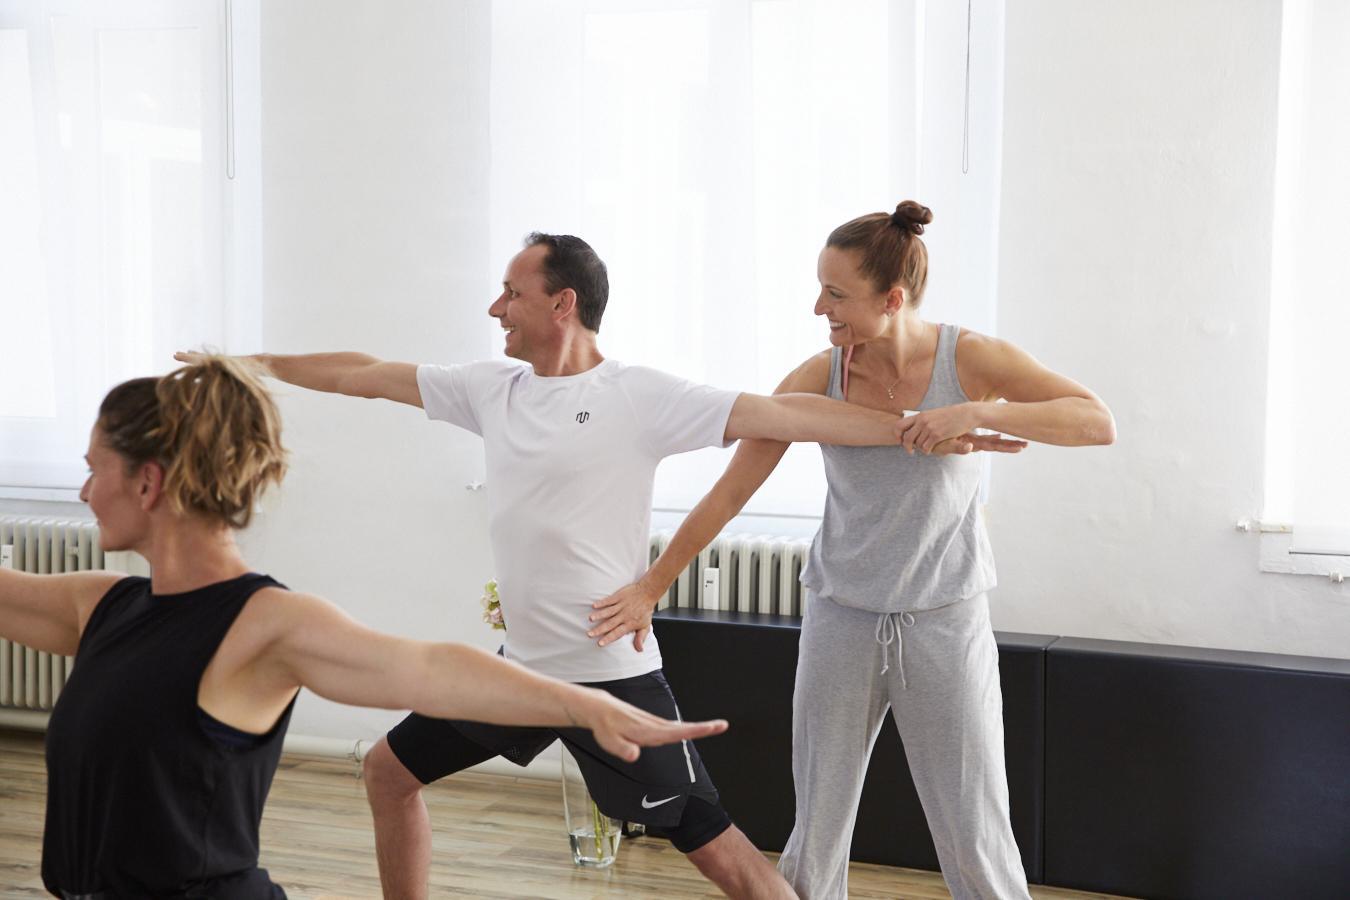 Kristina beim Unterrichten von einer Yogahaltung, während sie einen Teilnehmer korrigiert im Pilates & Yoga Studio 1 in Pforzheim